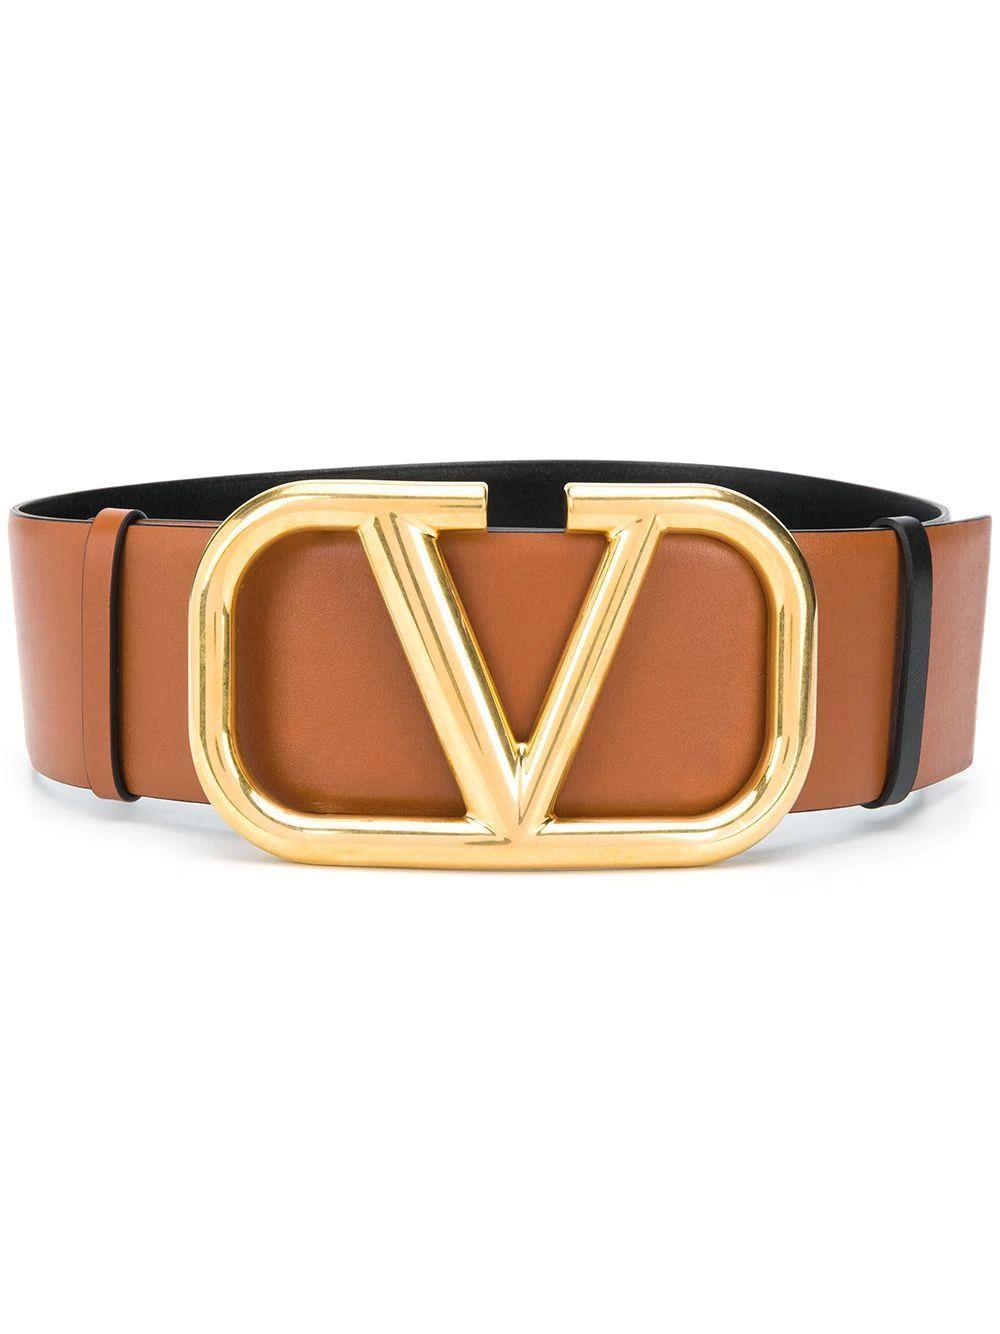 V Logo 70mm Belt Item # TW2T0S10ZFR11J